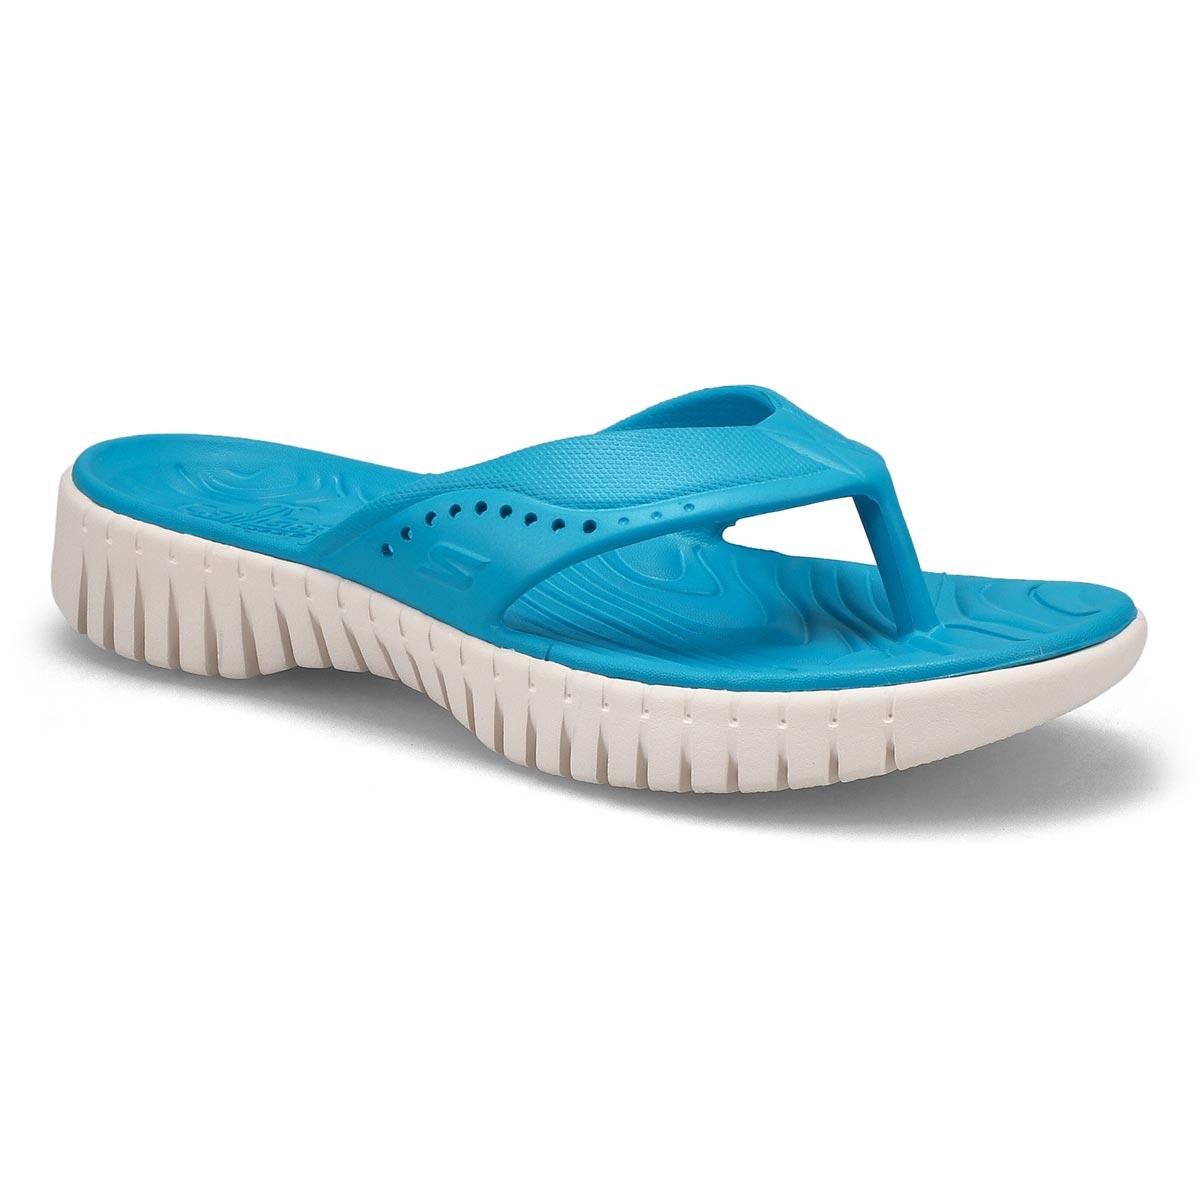 Lds Go Walk Smart blue thong sandal